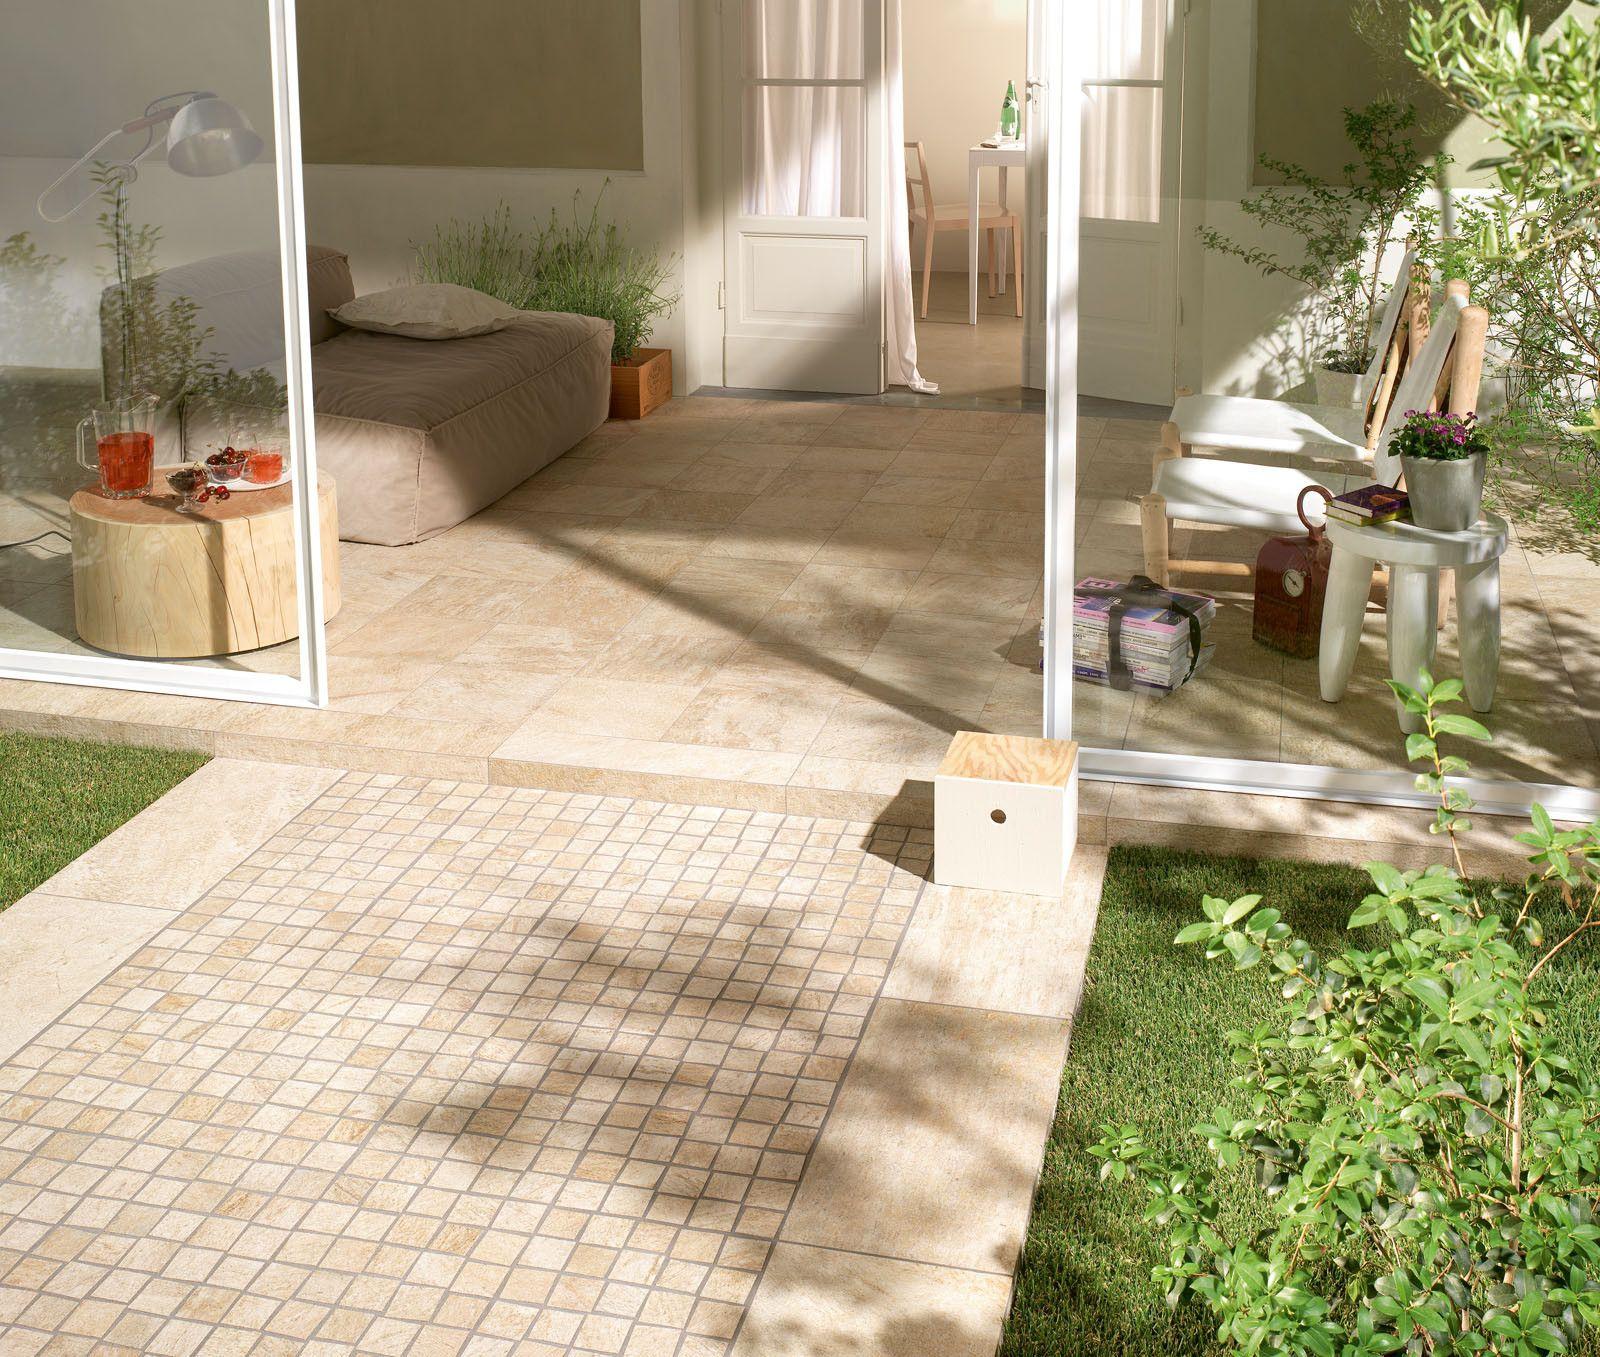 #Marazzi #Multiquartz #Mosaico Beige 30x60 cm MJRZ | #Gres | su #casaebagno.it a 91 Euro/mq | #mosaico #bagno #cucina